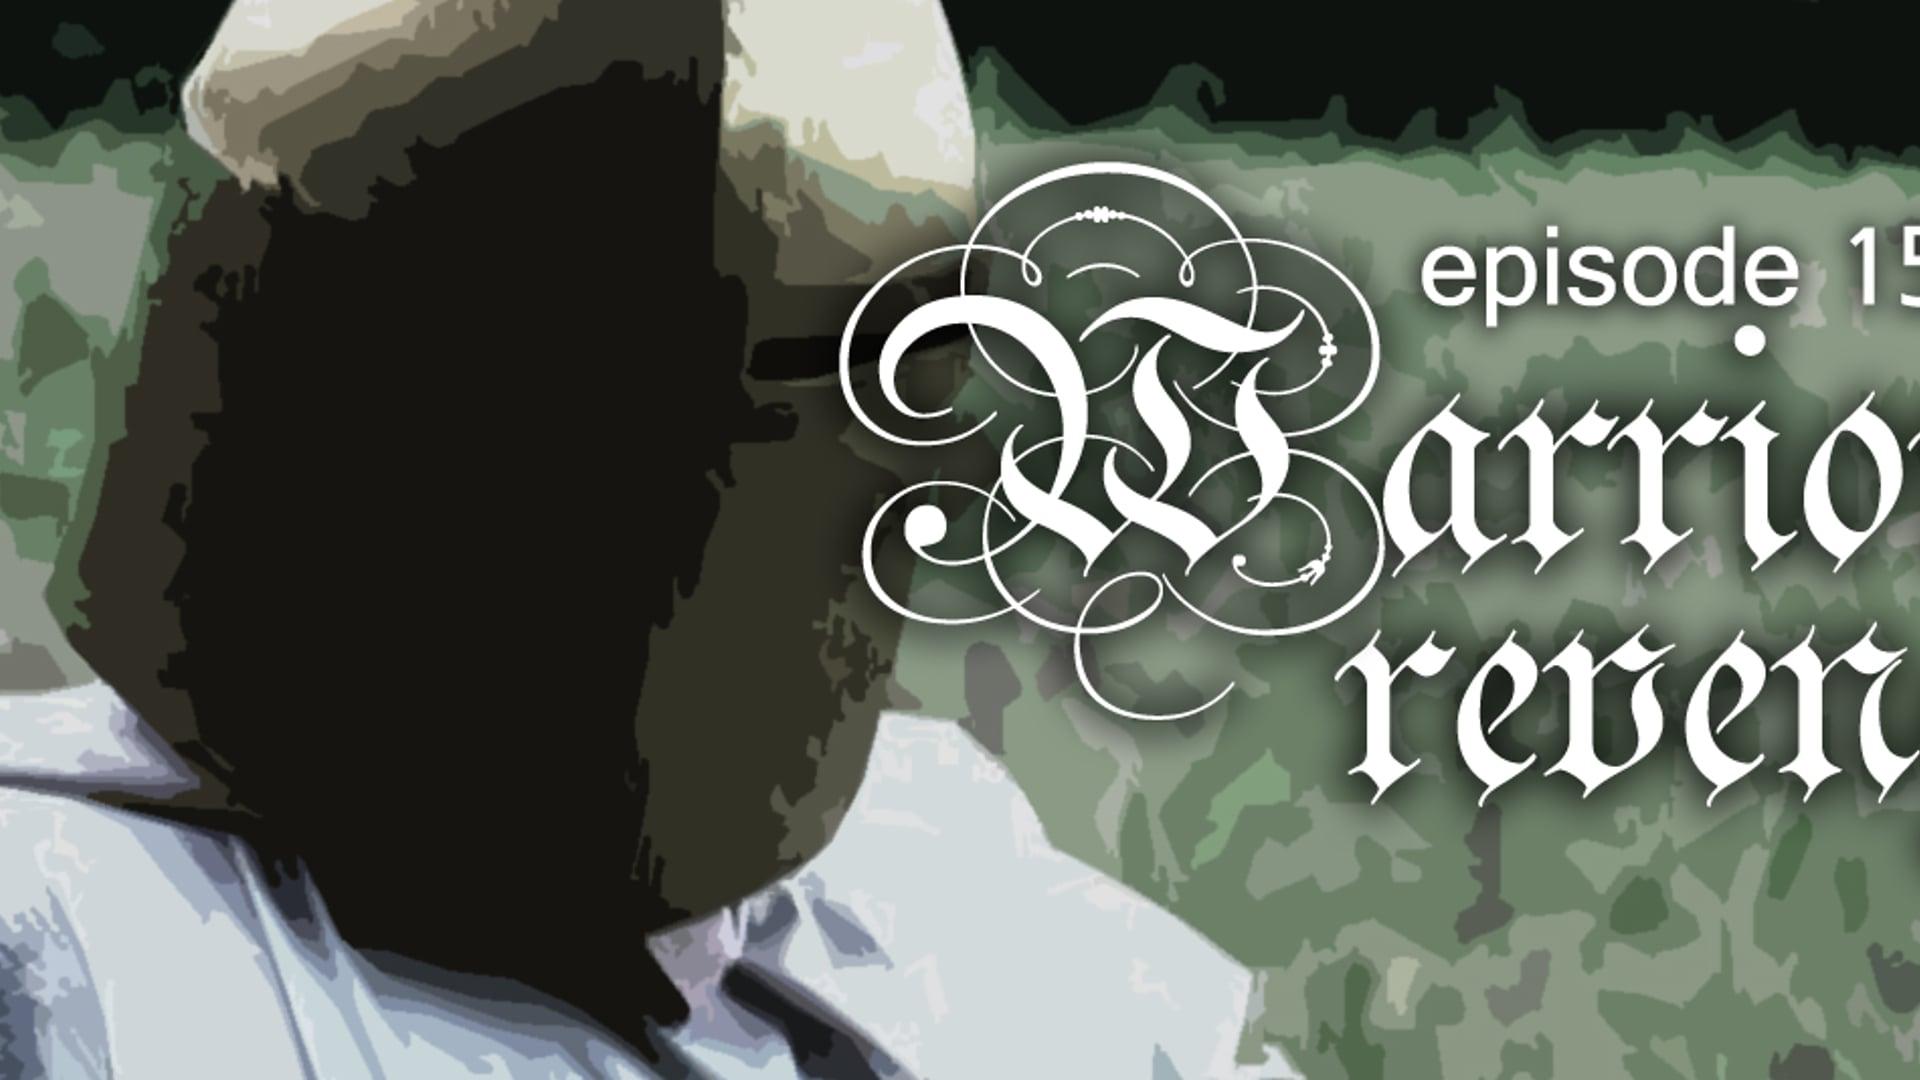 E15: Warrior's Revenge